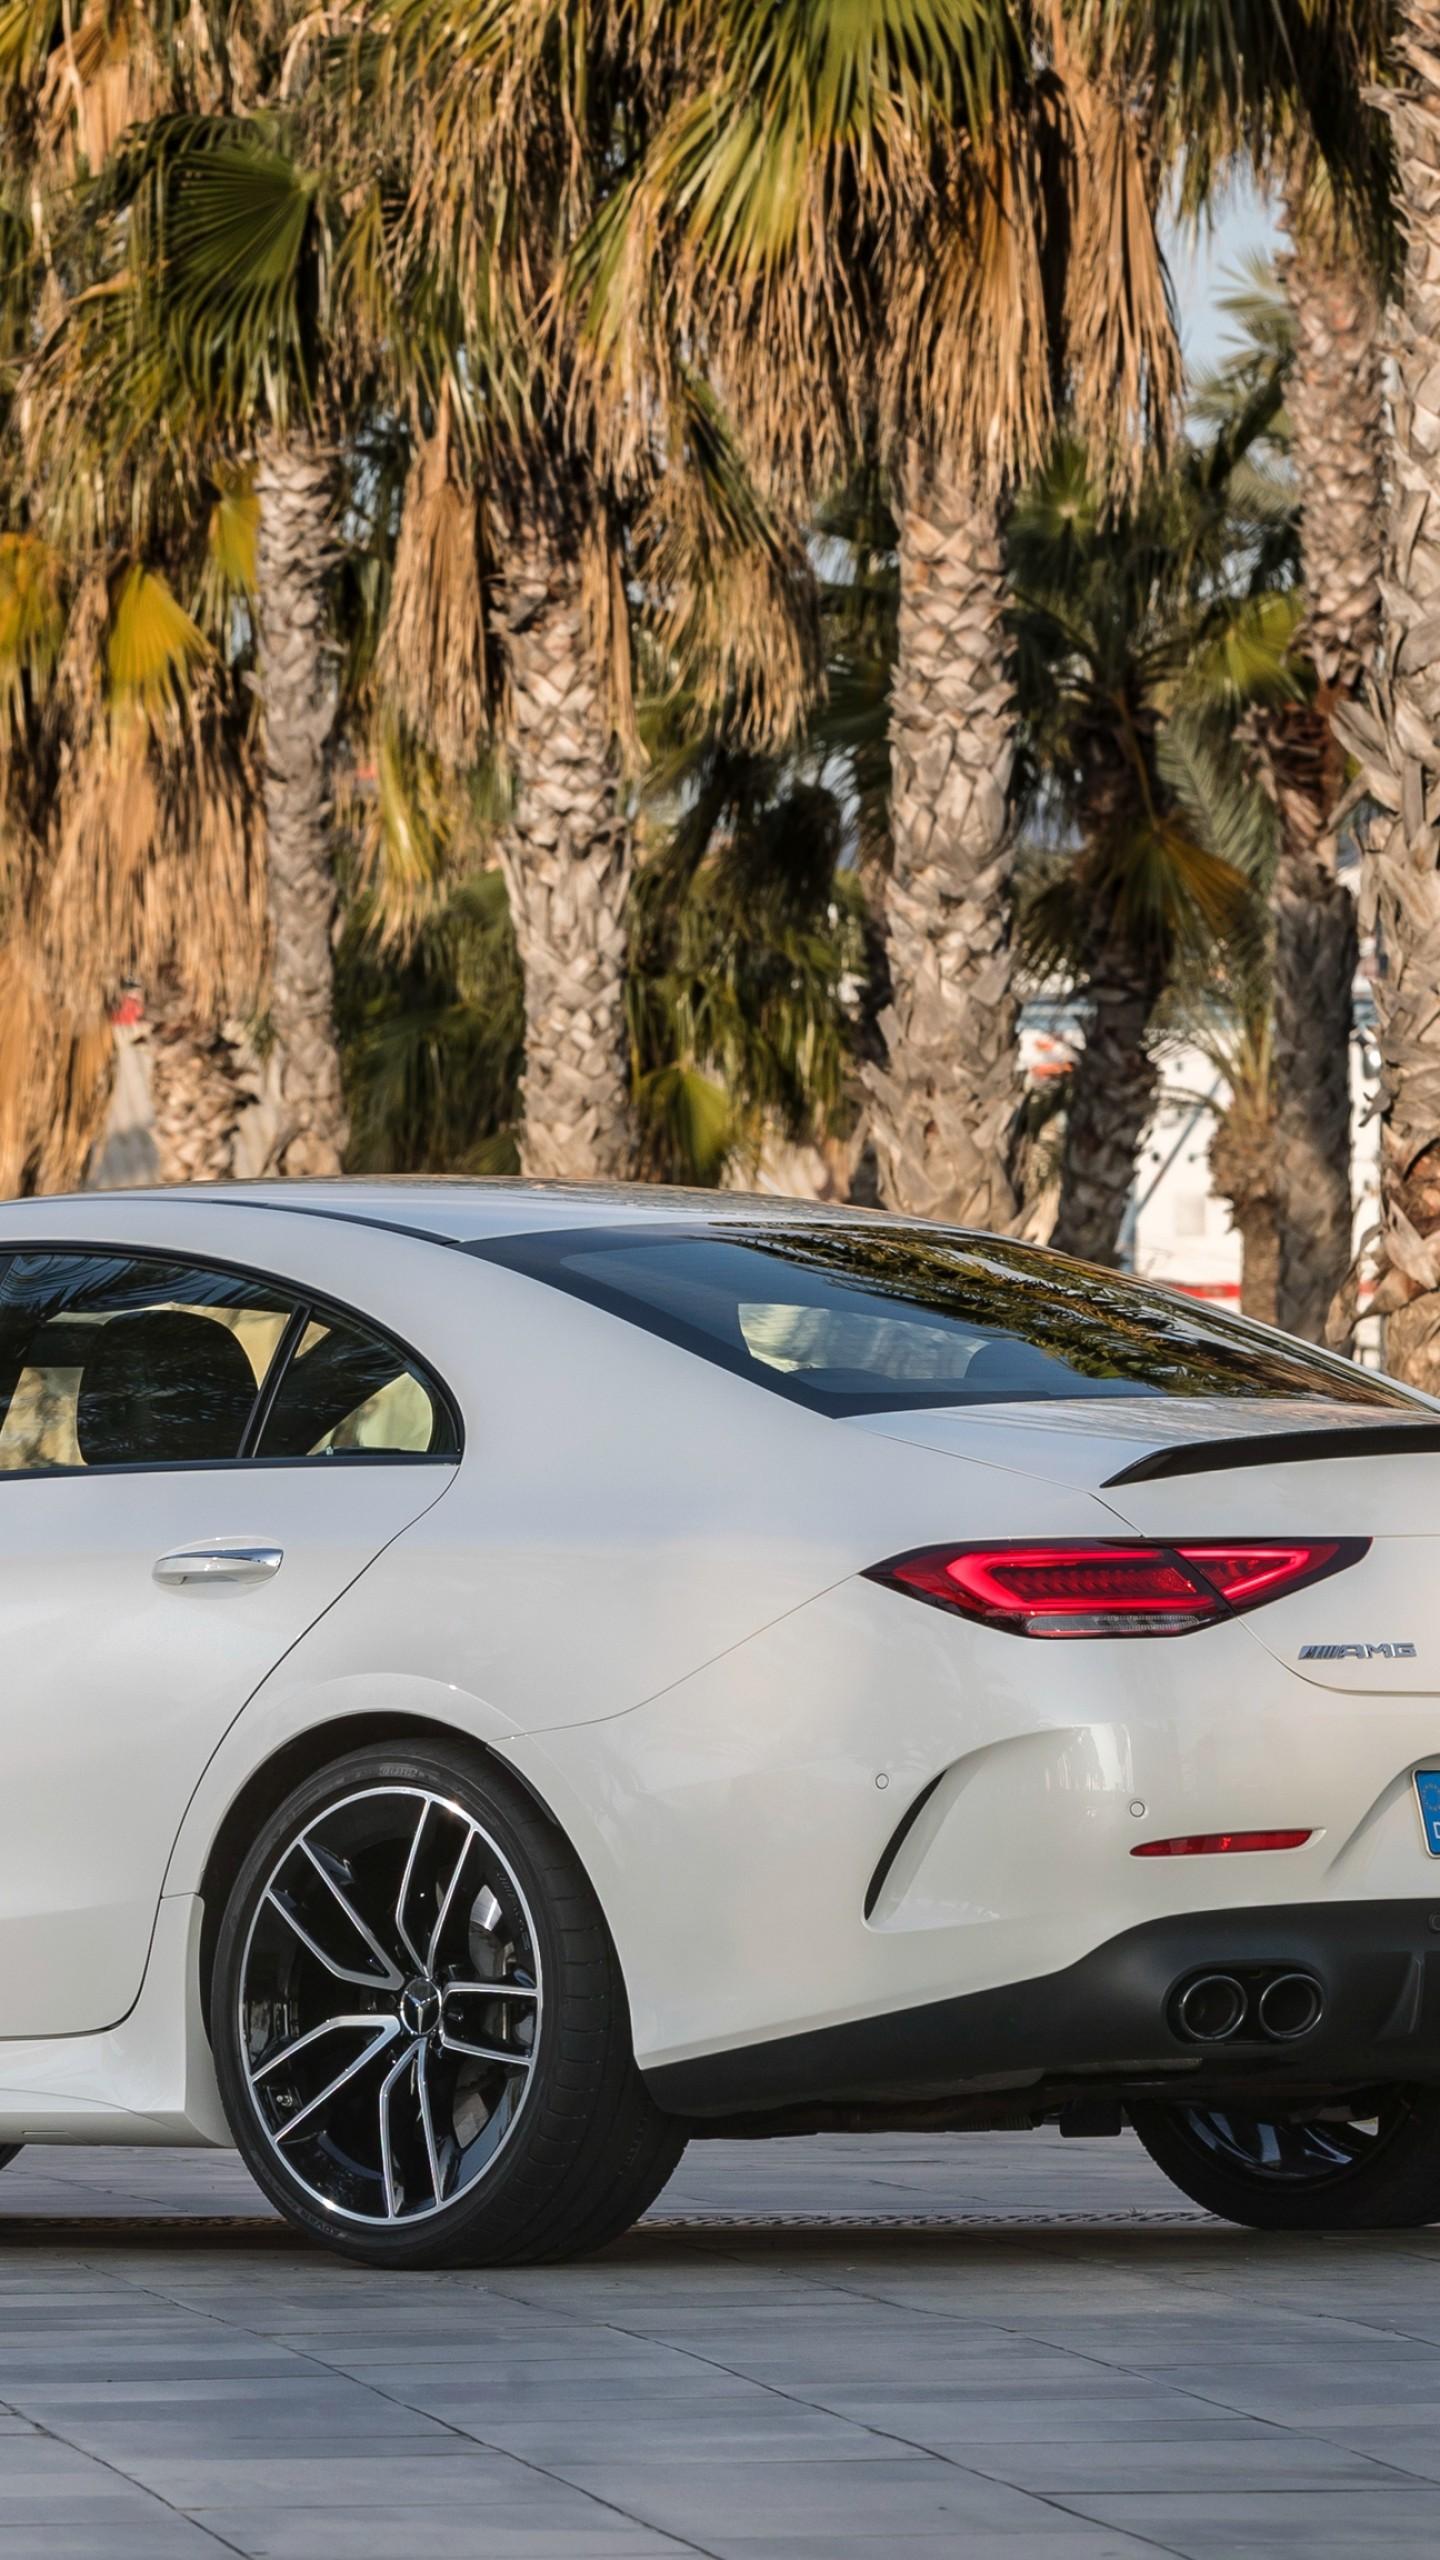 Wallpaper Mercedes-Benz CLS53 AMG, 2019 Cars, 4K, Cars